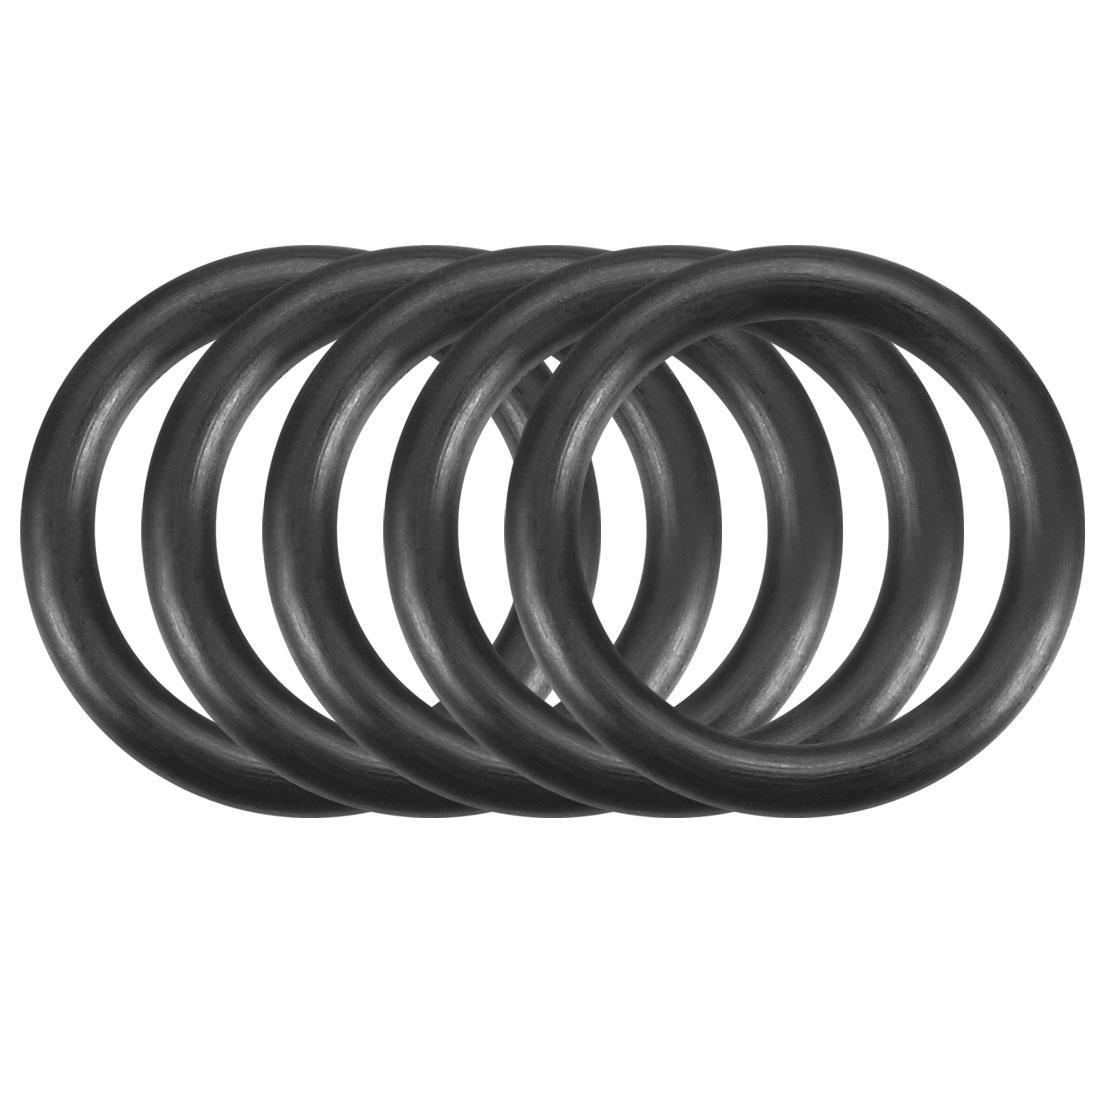 50pcs Black Nitrile Butadiene Rubber NBR O-Ring 13.3mm Inner Dia 2.5mm Width